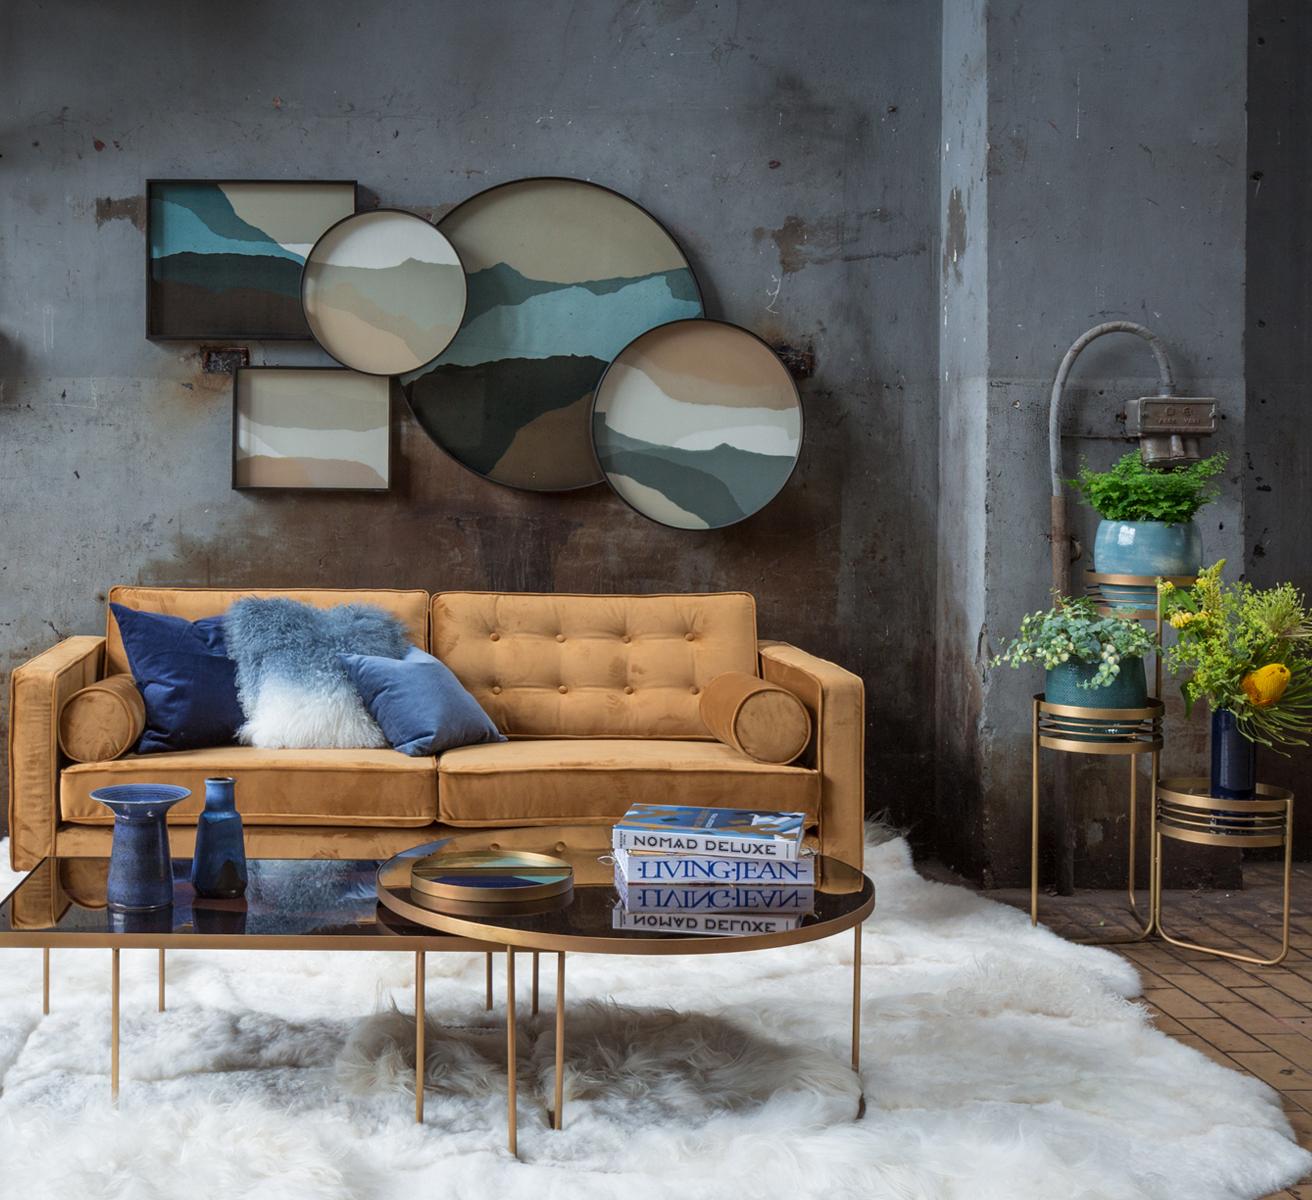 Nieuwste collecties van Notre Monde, salontafels, bijzettafels, planters velevt sofa en nieuwe dienbladen